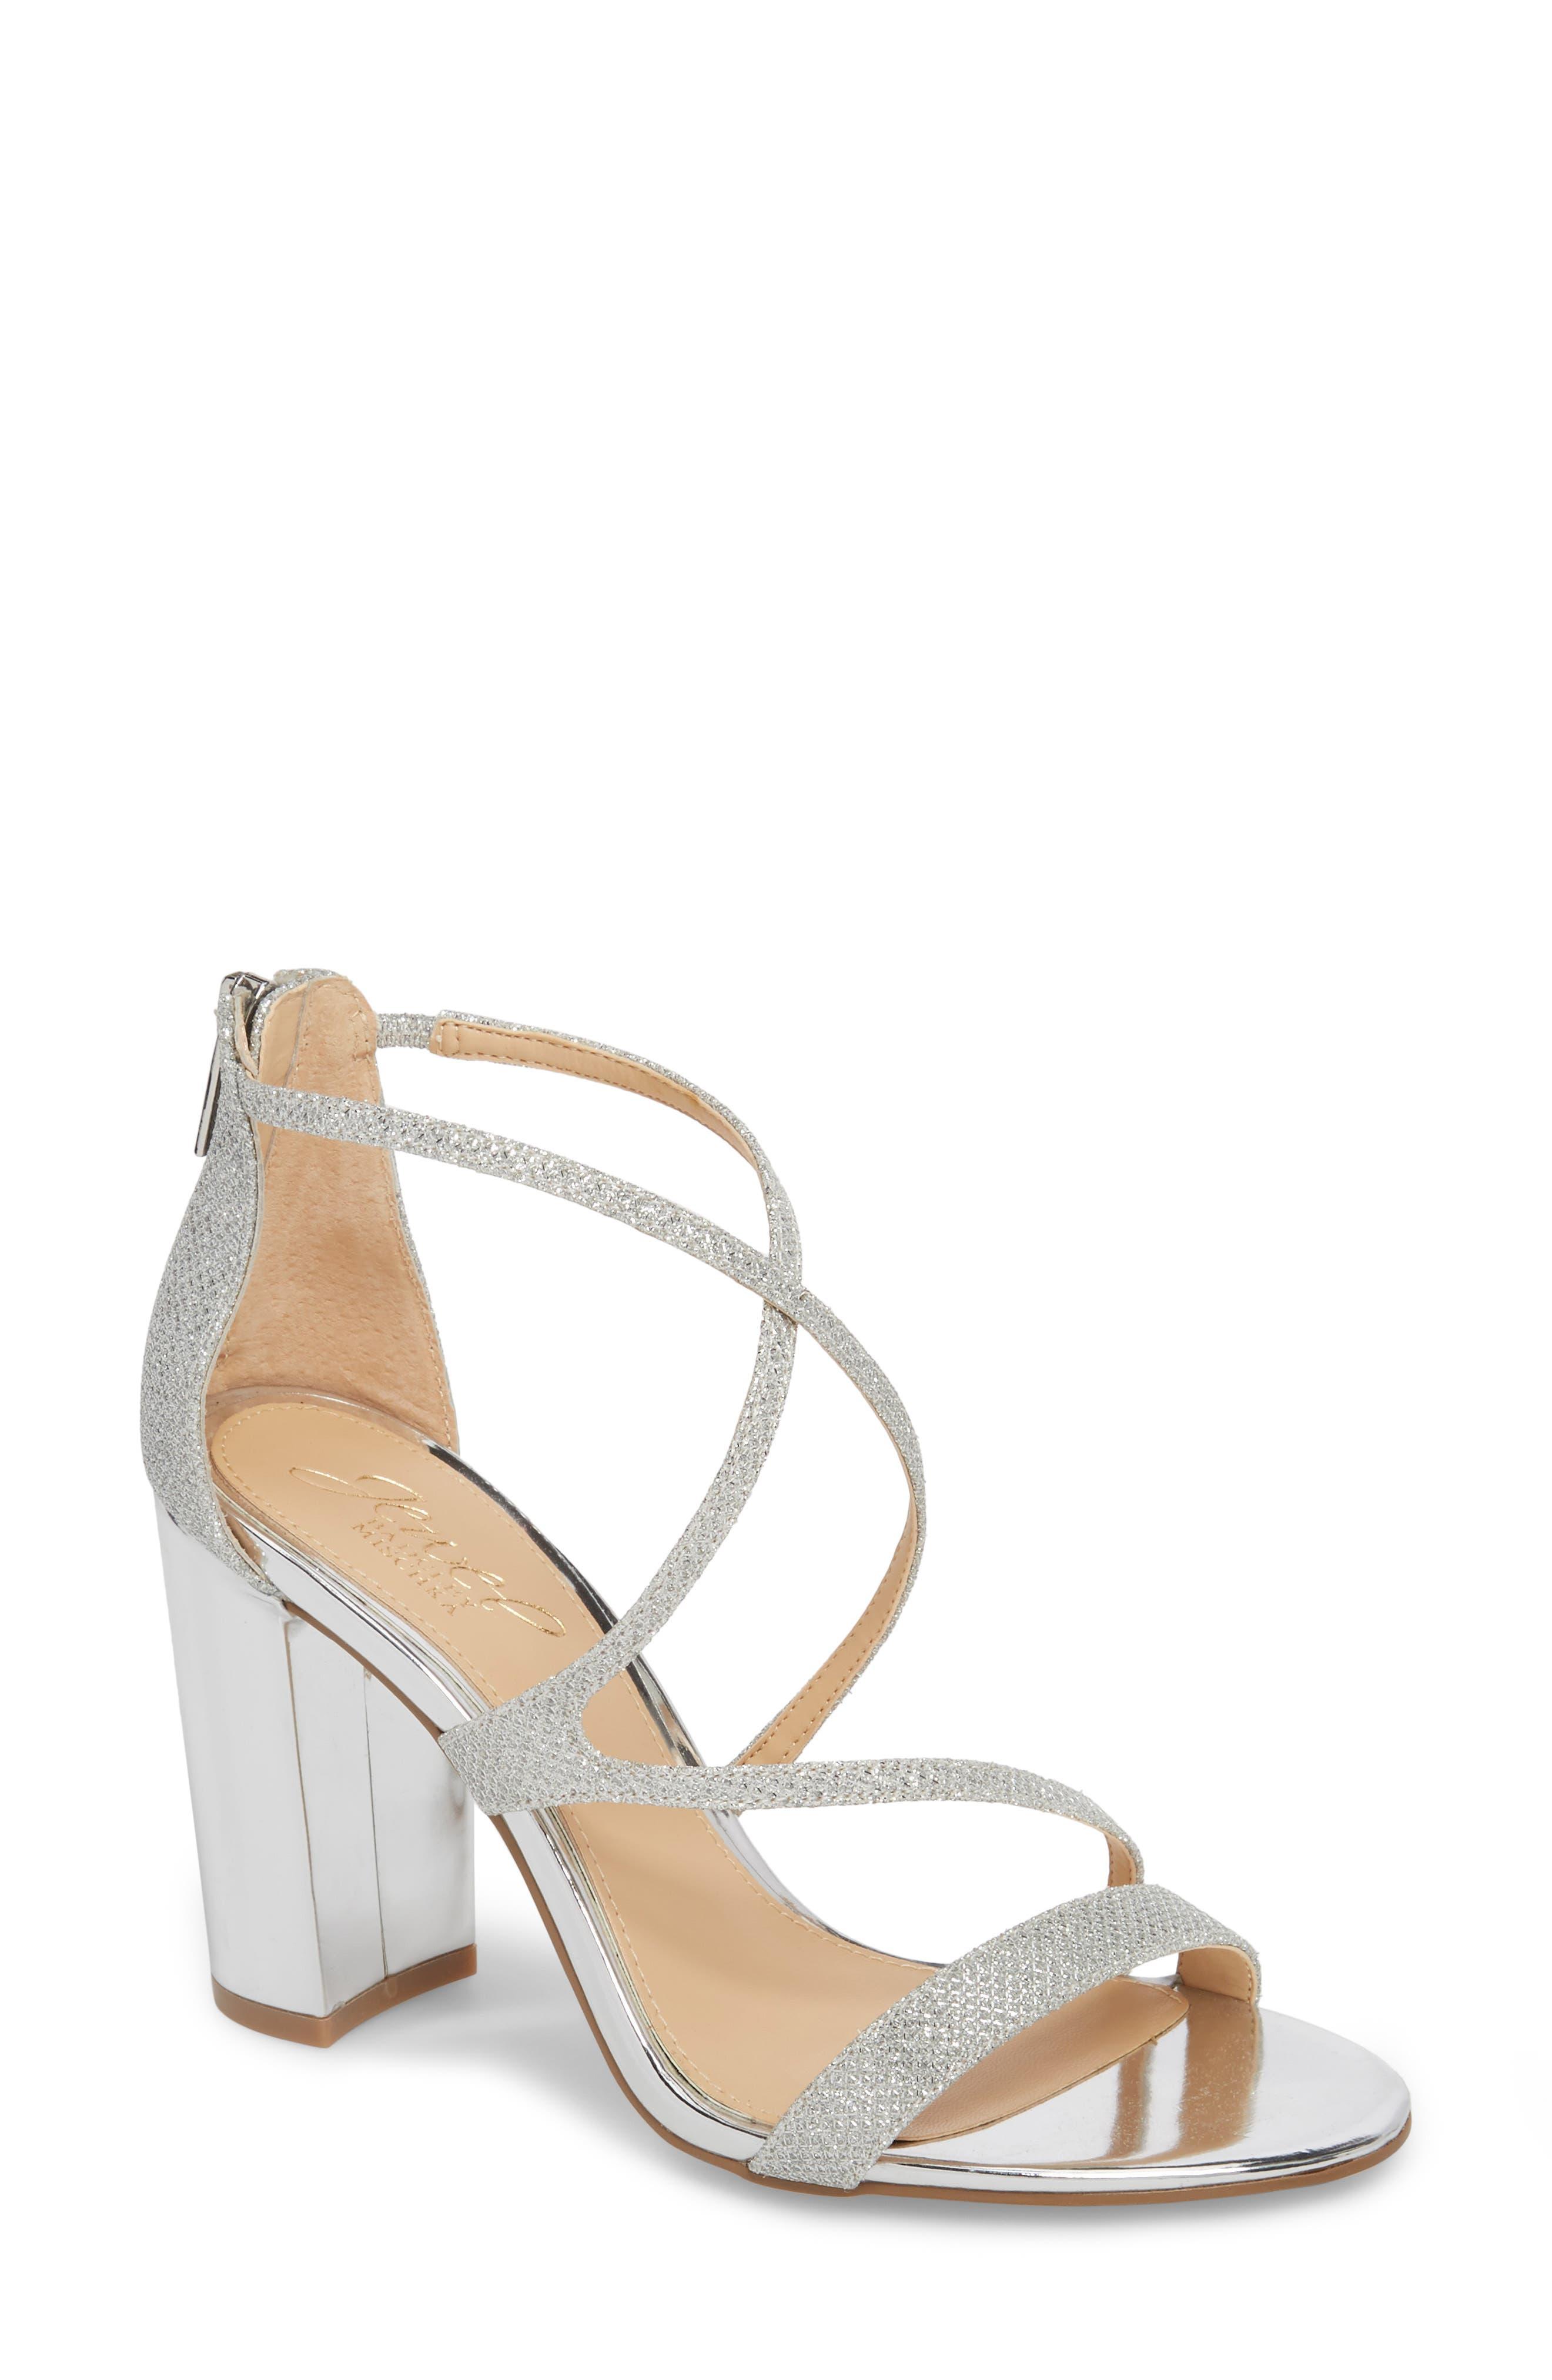 Badgley Mischka Gale Block Heel Sandal (Women)